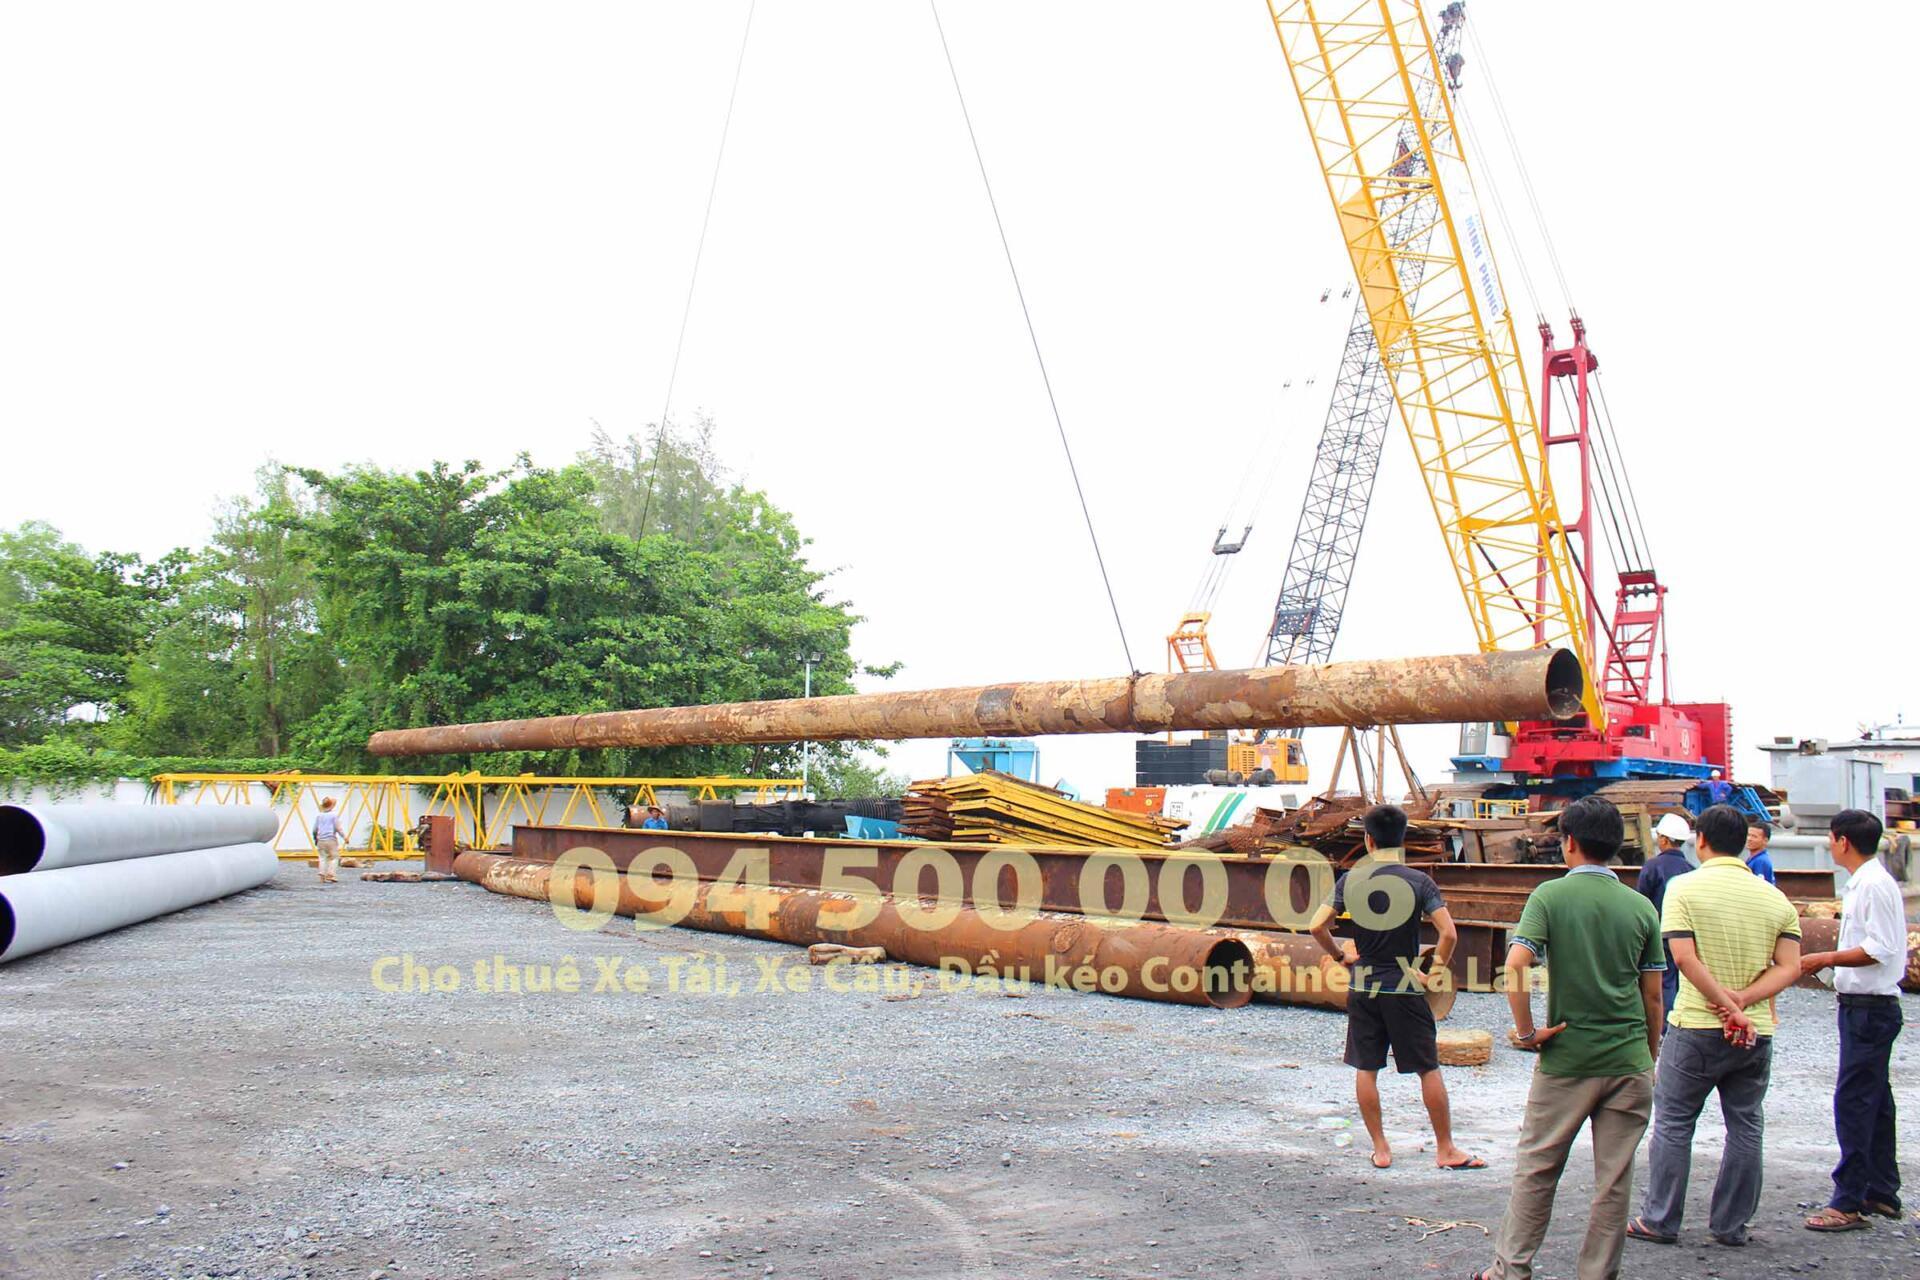 (Ảnh: Dự Án vận chuyển Búa Đóng Cọc Thủy Lực từ Sài Gòn đi Hà Nội; trong ảnh là cảnh xe cẩu đang đưa Phụ kiện của cây búa đóng cọc thủy lực lên xe đầu kéo container thùng mui bạc dài 14.2m)